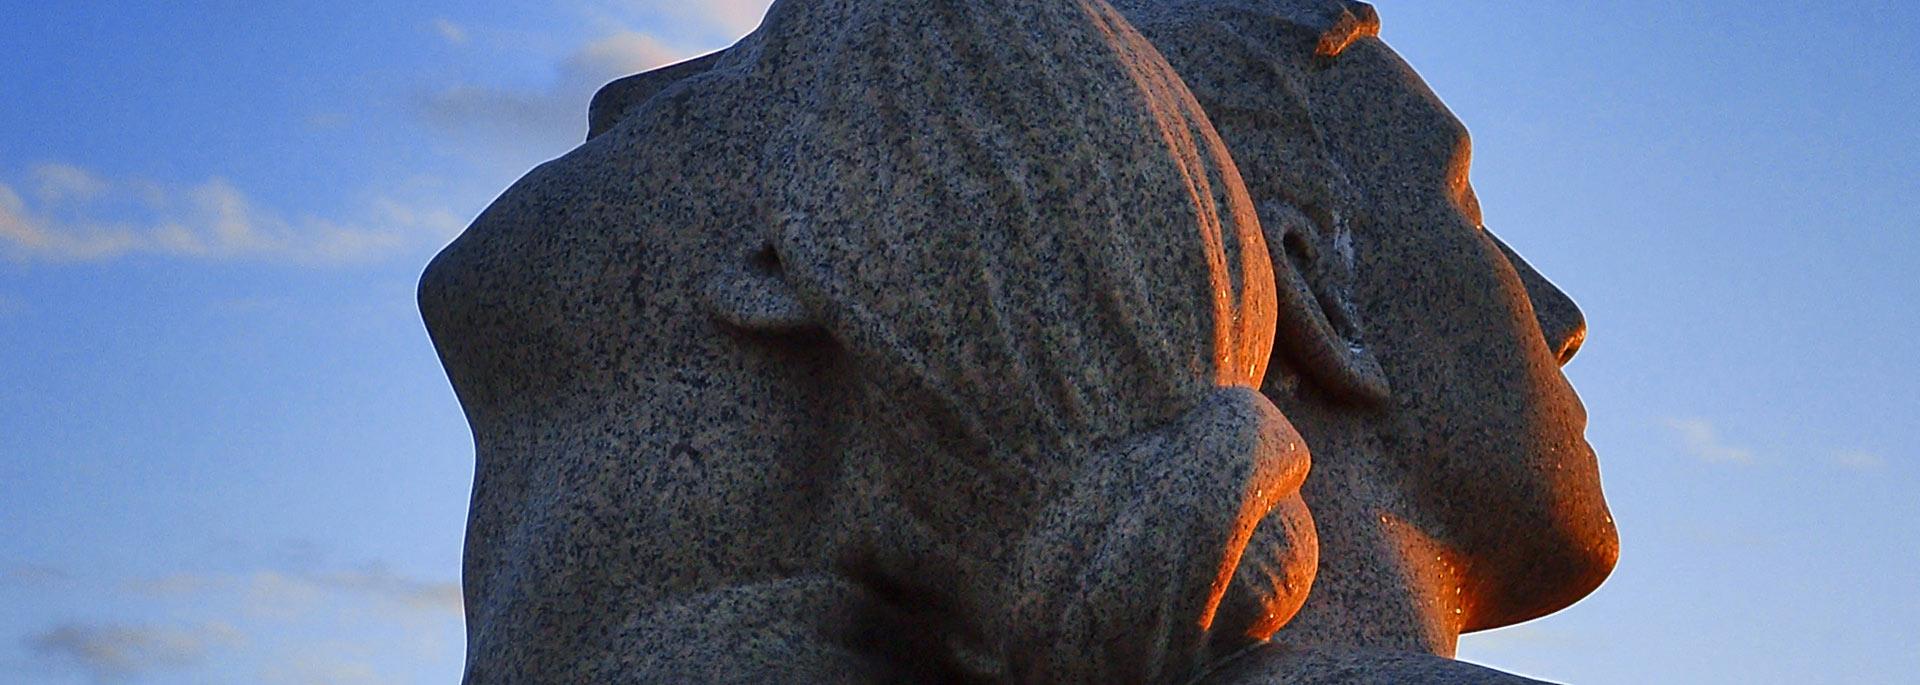 Buchtipp: Gebrauchsanweisung für Norwegen